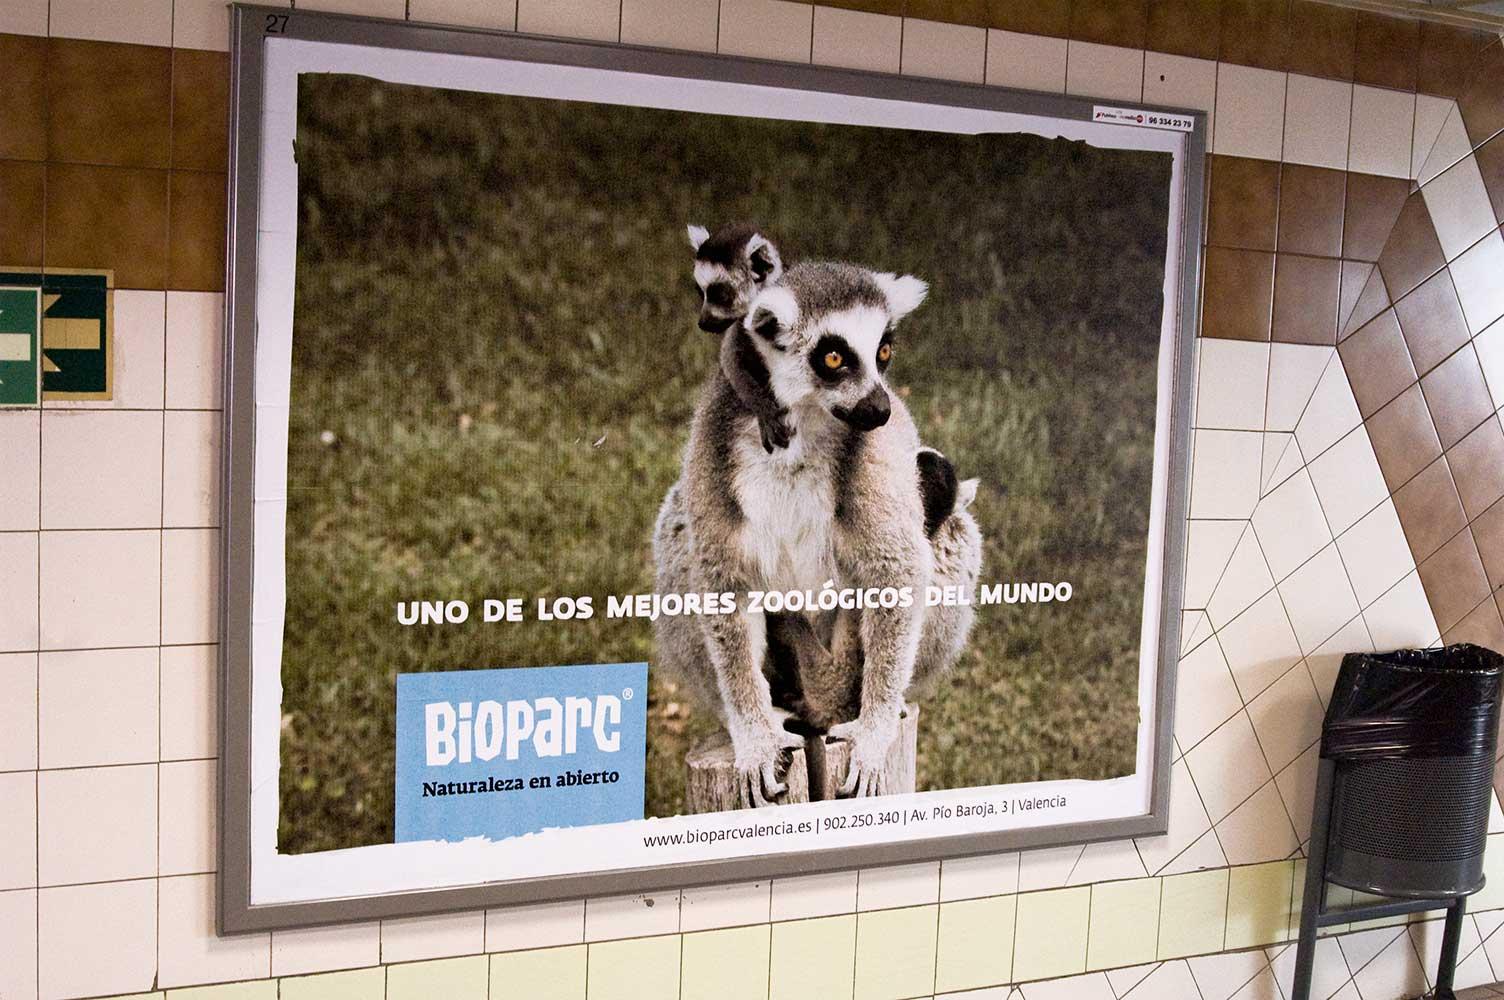 Bioparc valla publicitaria en metro de Valencia